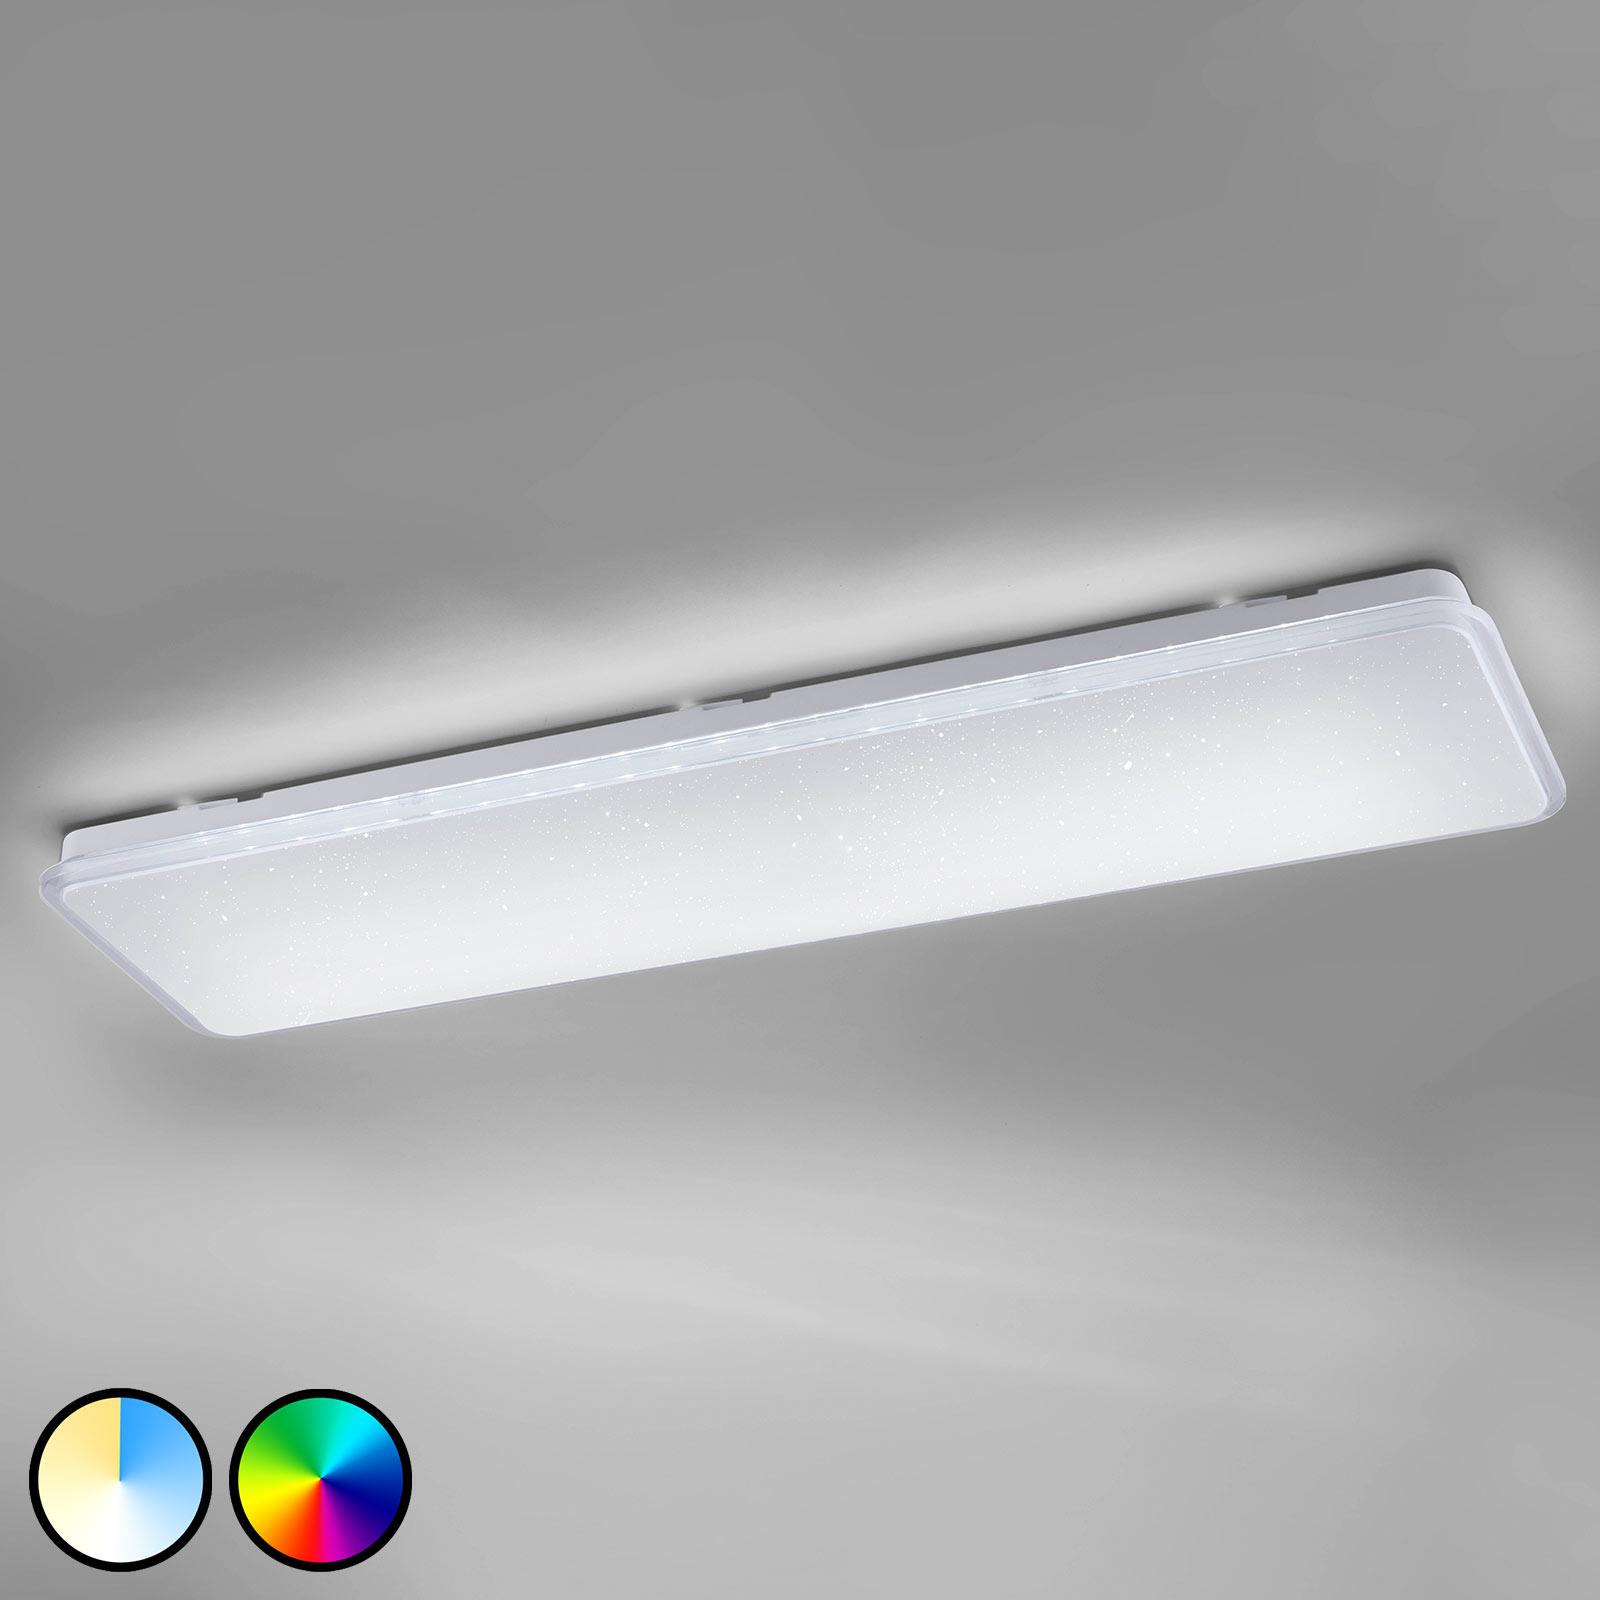 Trio WiZ Imara LED-taklampe med krystalleffekt